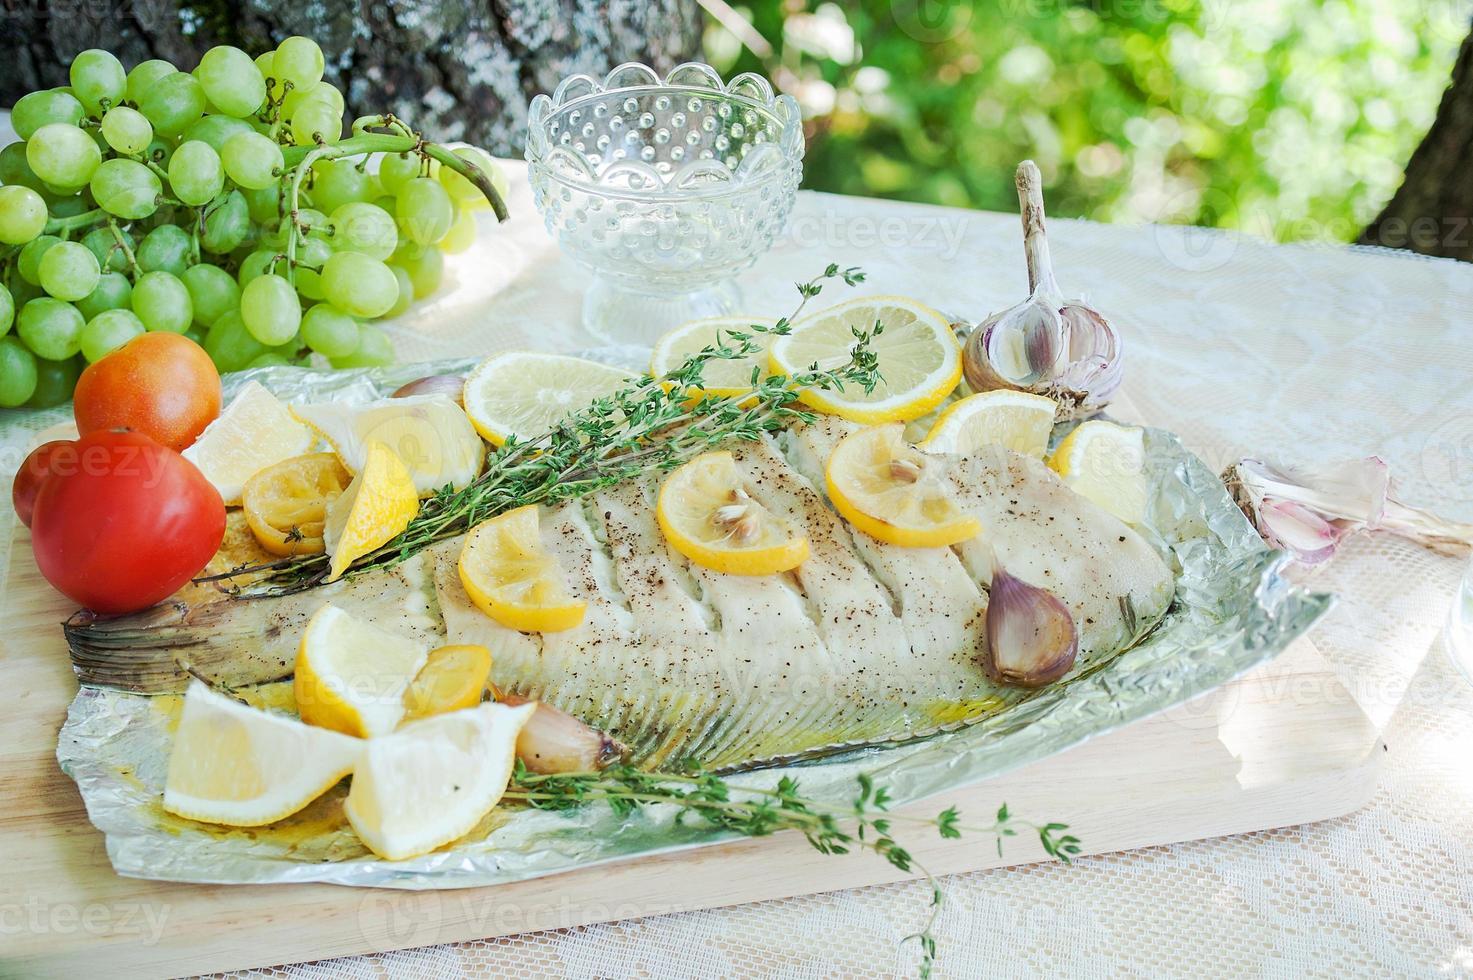 déjeuner avec la limande de poisson dans un style méditerranéen à l'extérieur photo